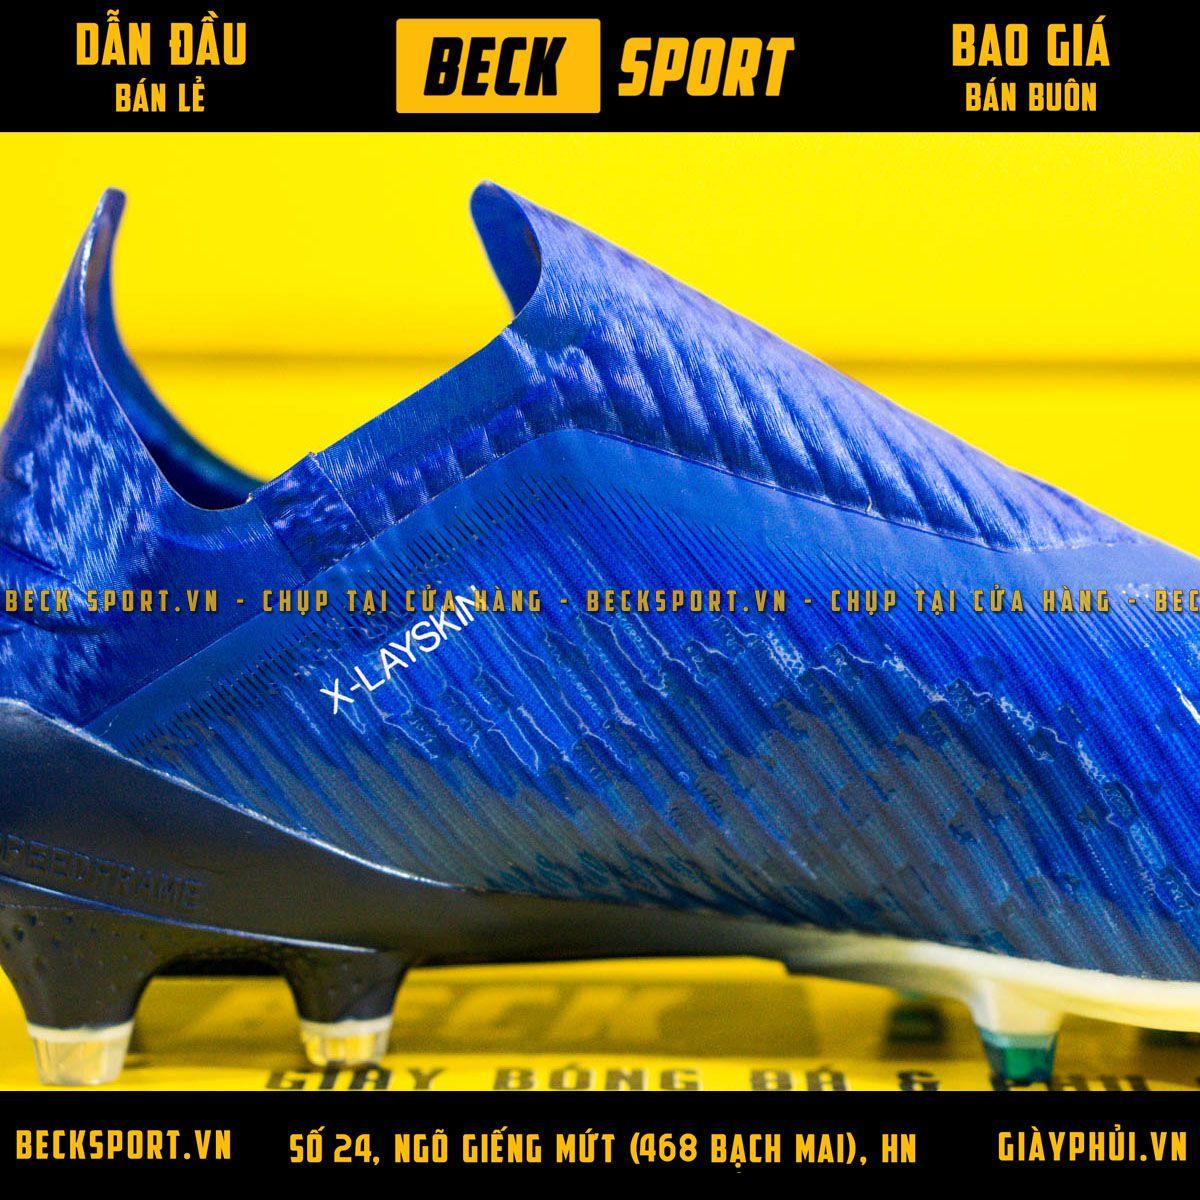 Giày Bóng Đá Adidas X 19+ Xanh Biển Vạch Trắng Không Dây FG